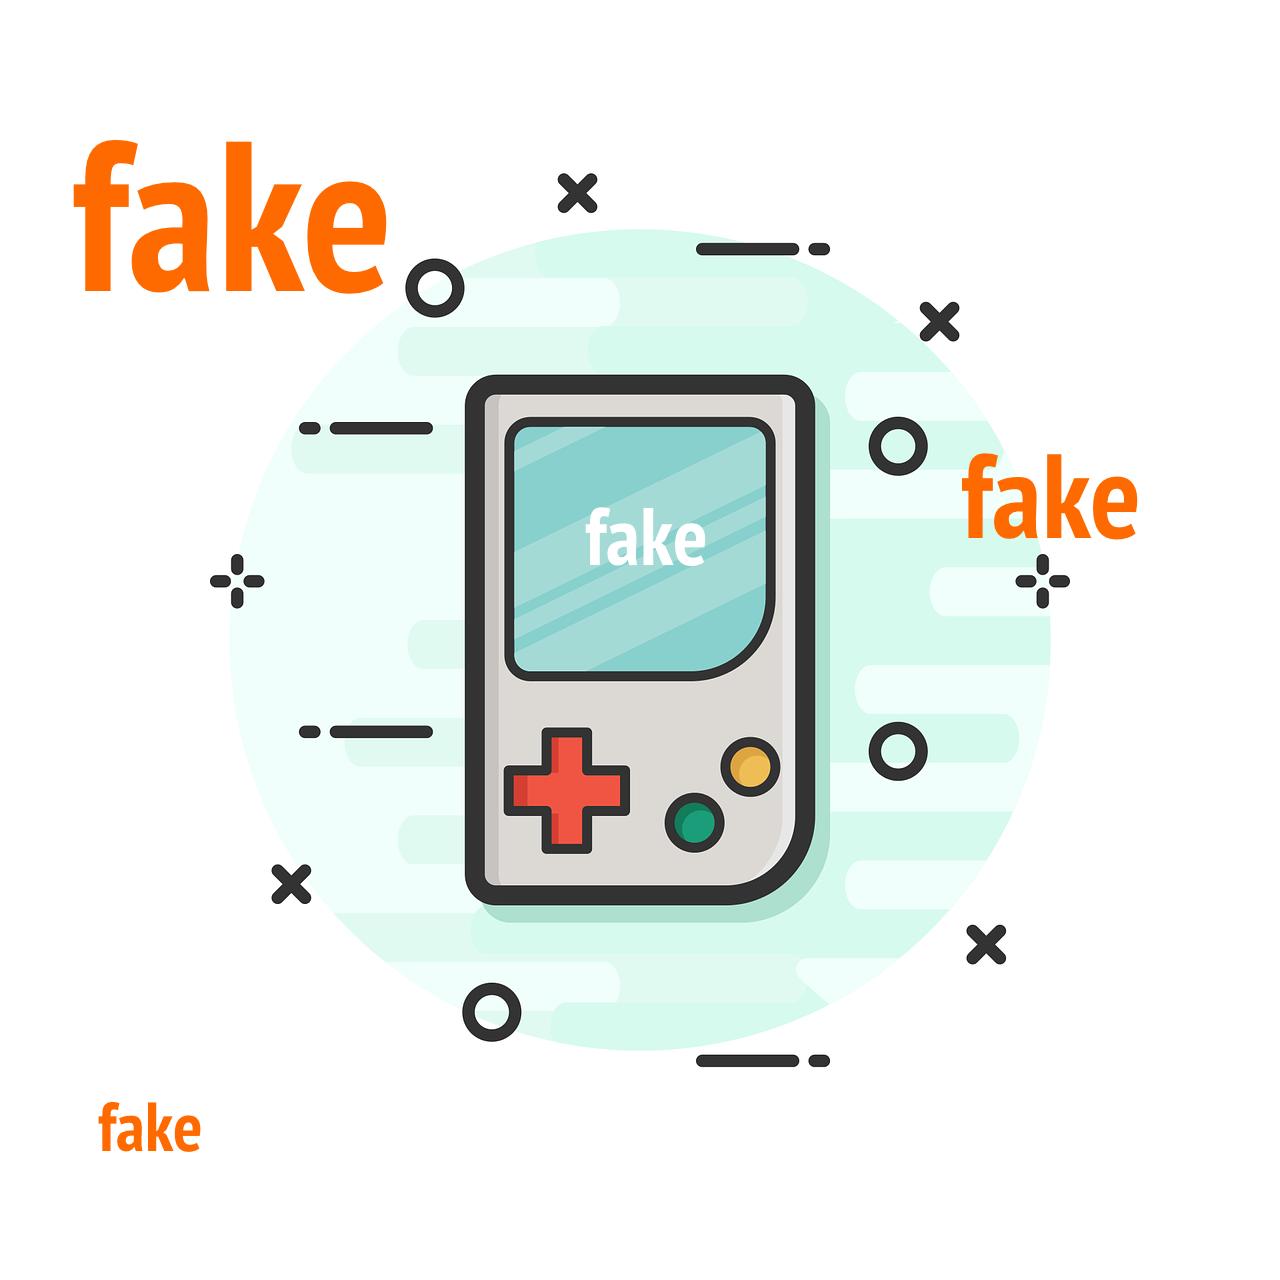 Правда или фейк: подборка компьютерных игр для фактчекинга